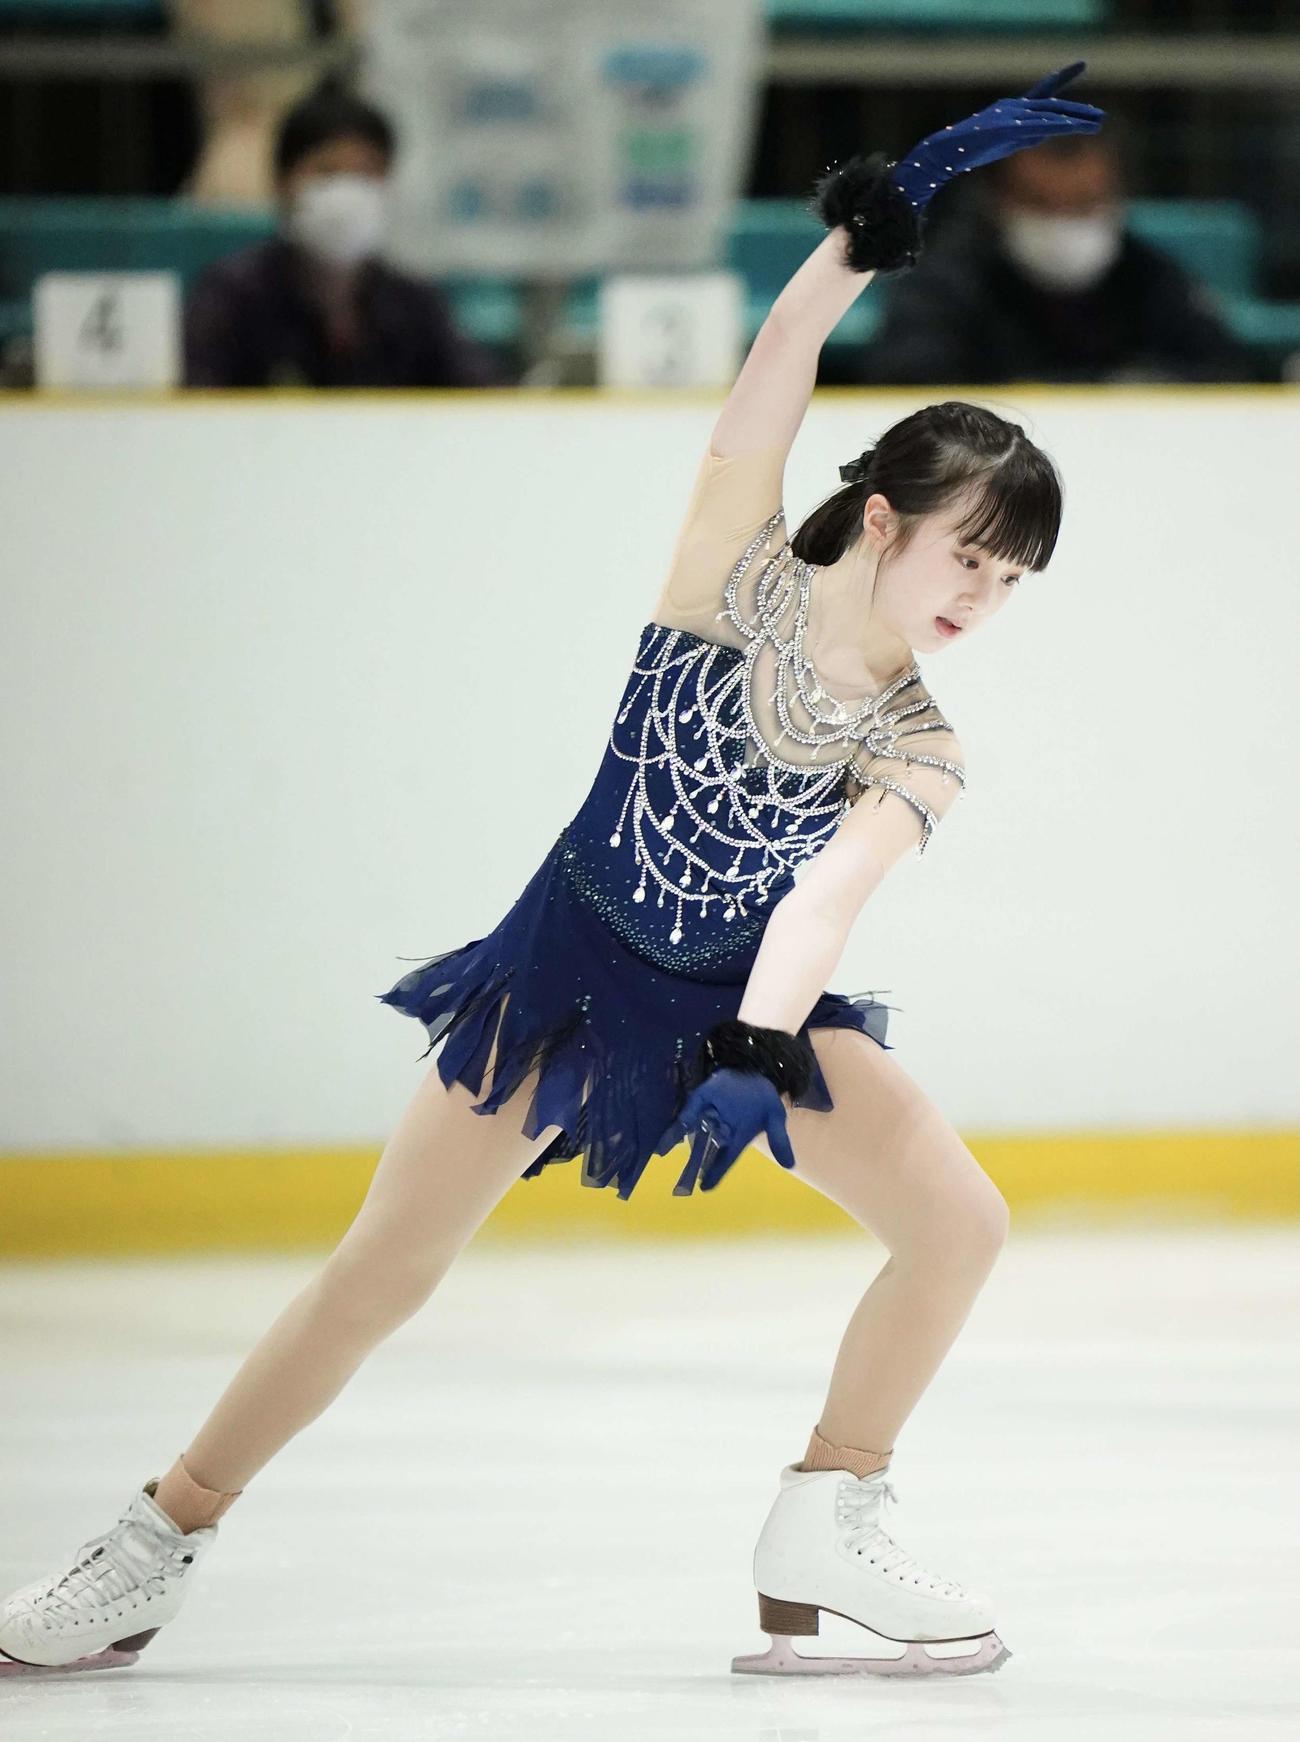 フィギュアスケート近畿選手権 ジュニア女子ショートプログラム 演技する本田紗来(代表撮影)